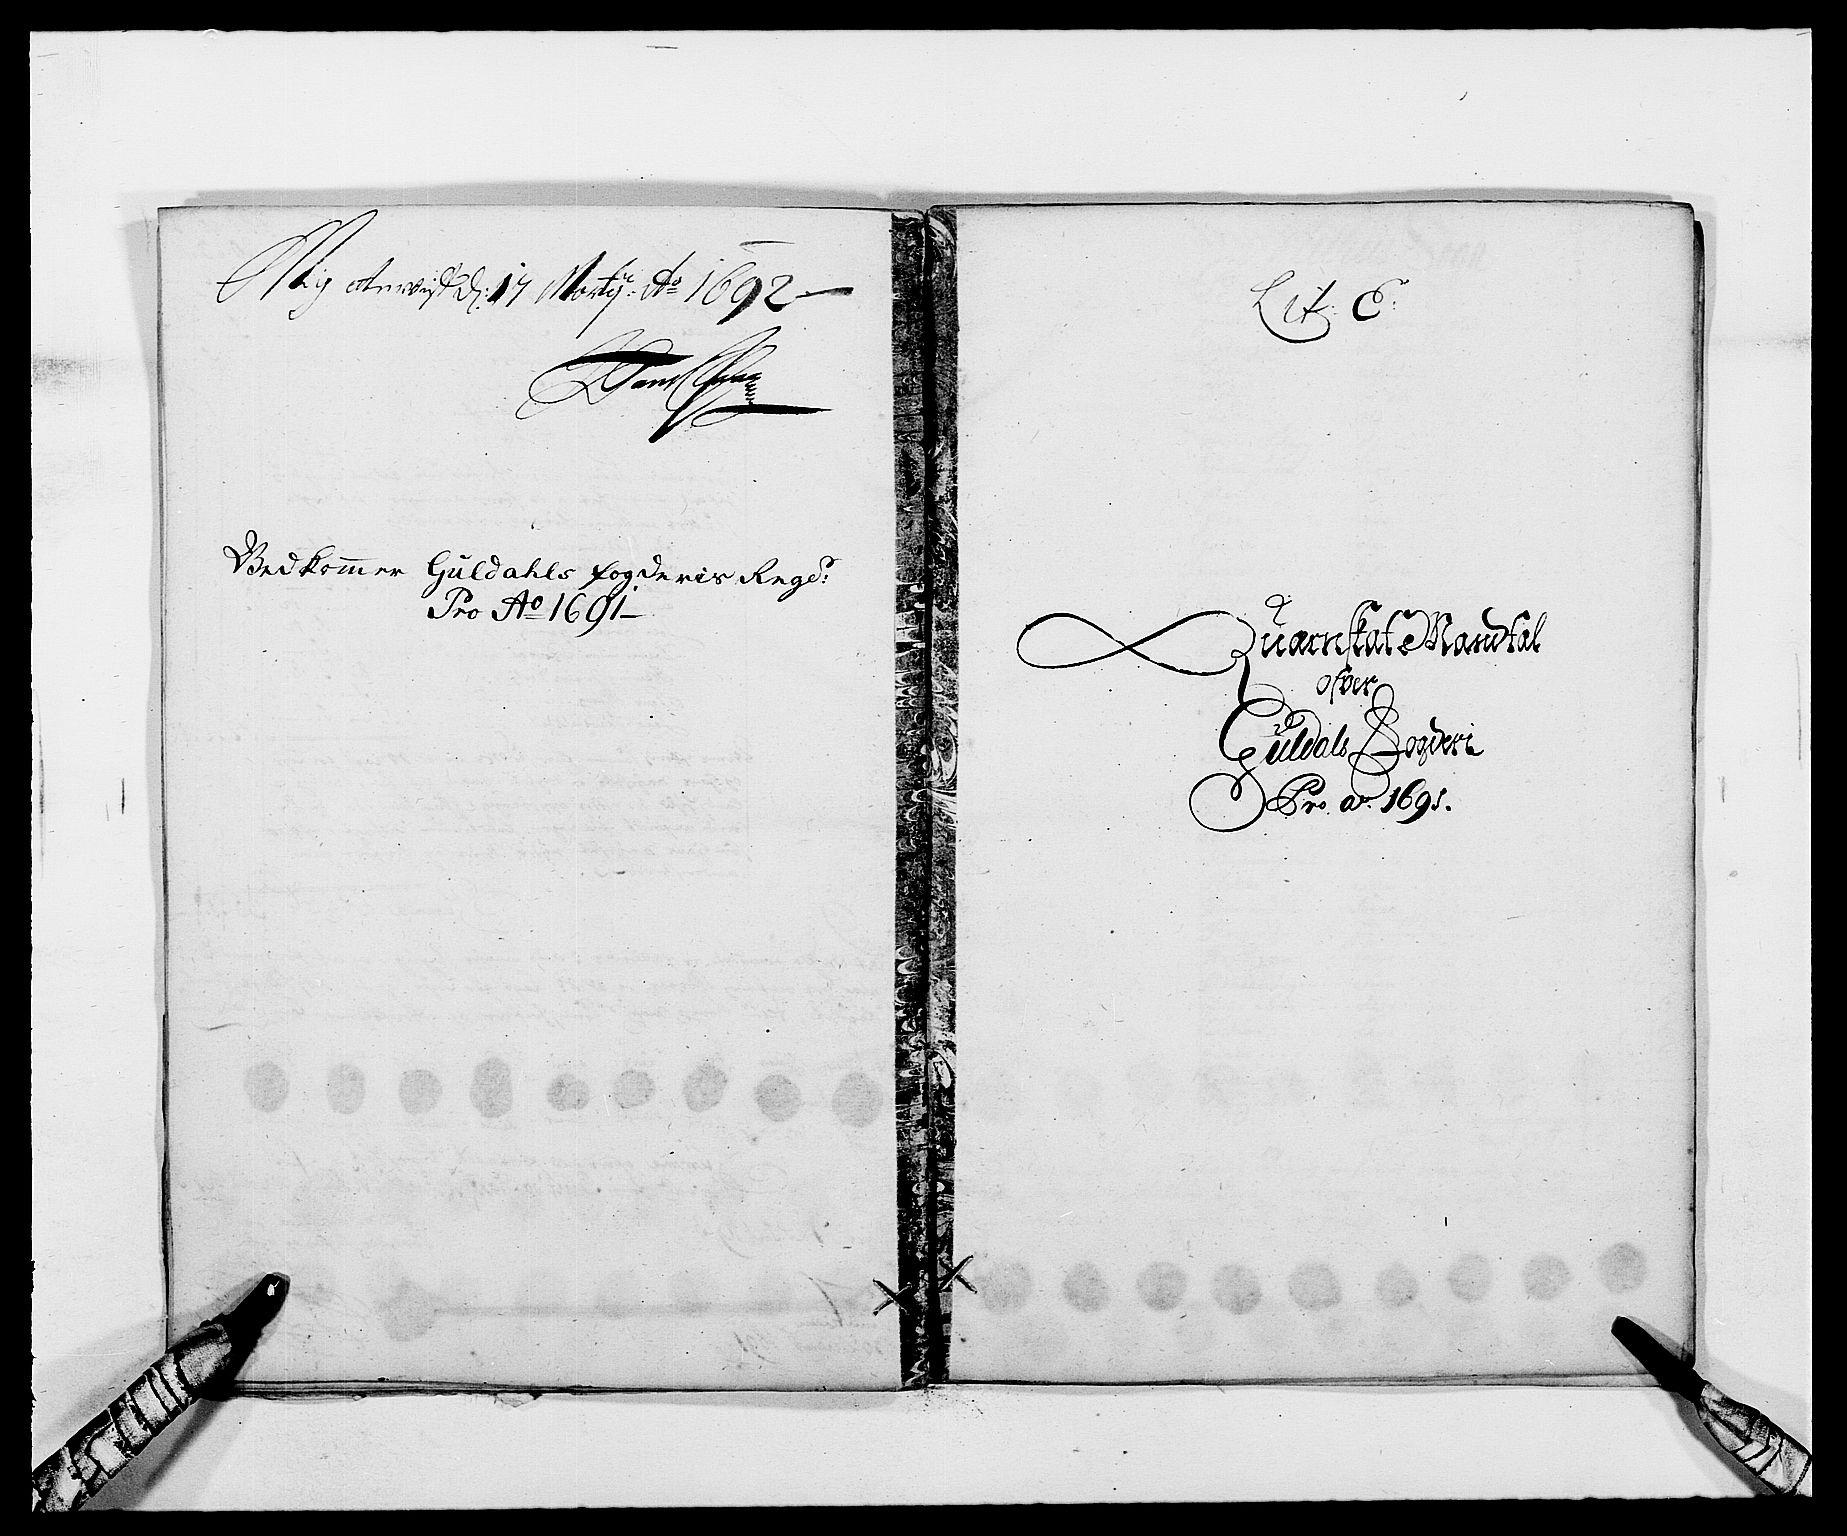 RA, Rentekammeret inntil 1814, Reviderte regnskaper, Fogderegnskap, R59/L3941: Fogderegnskap Gauldal, 1691, s. 75